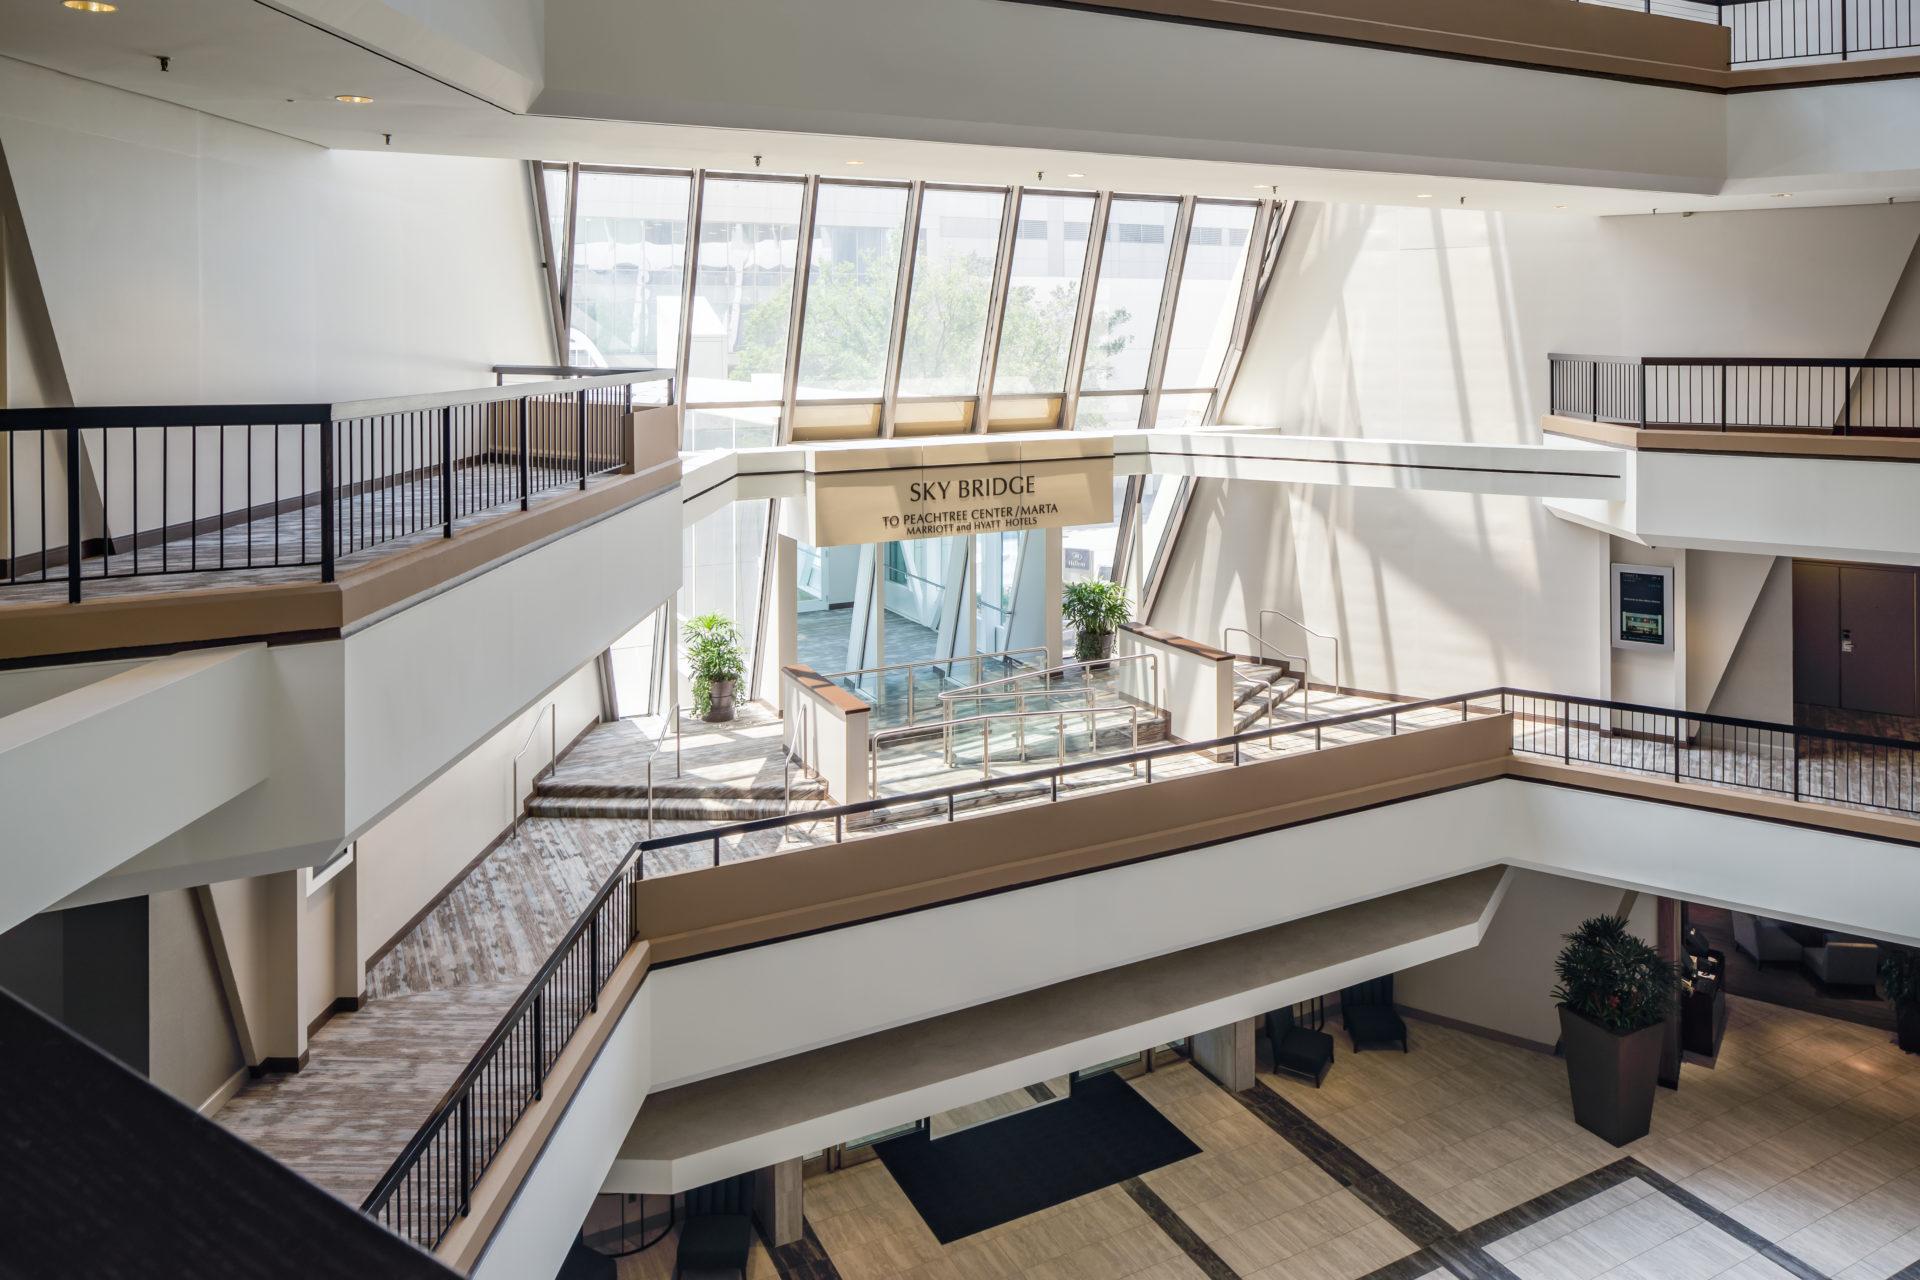 mulit-level hospitality renovation